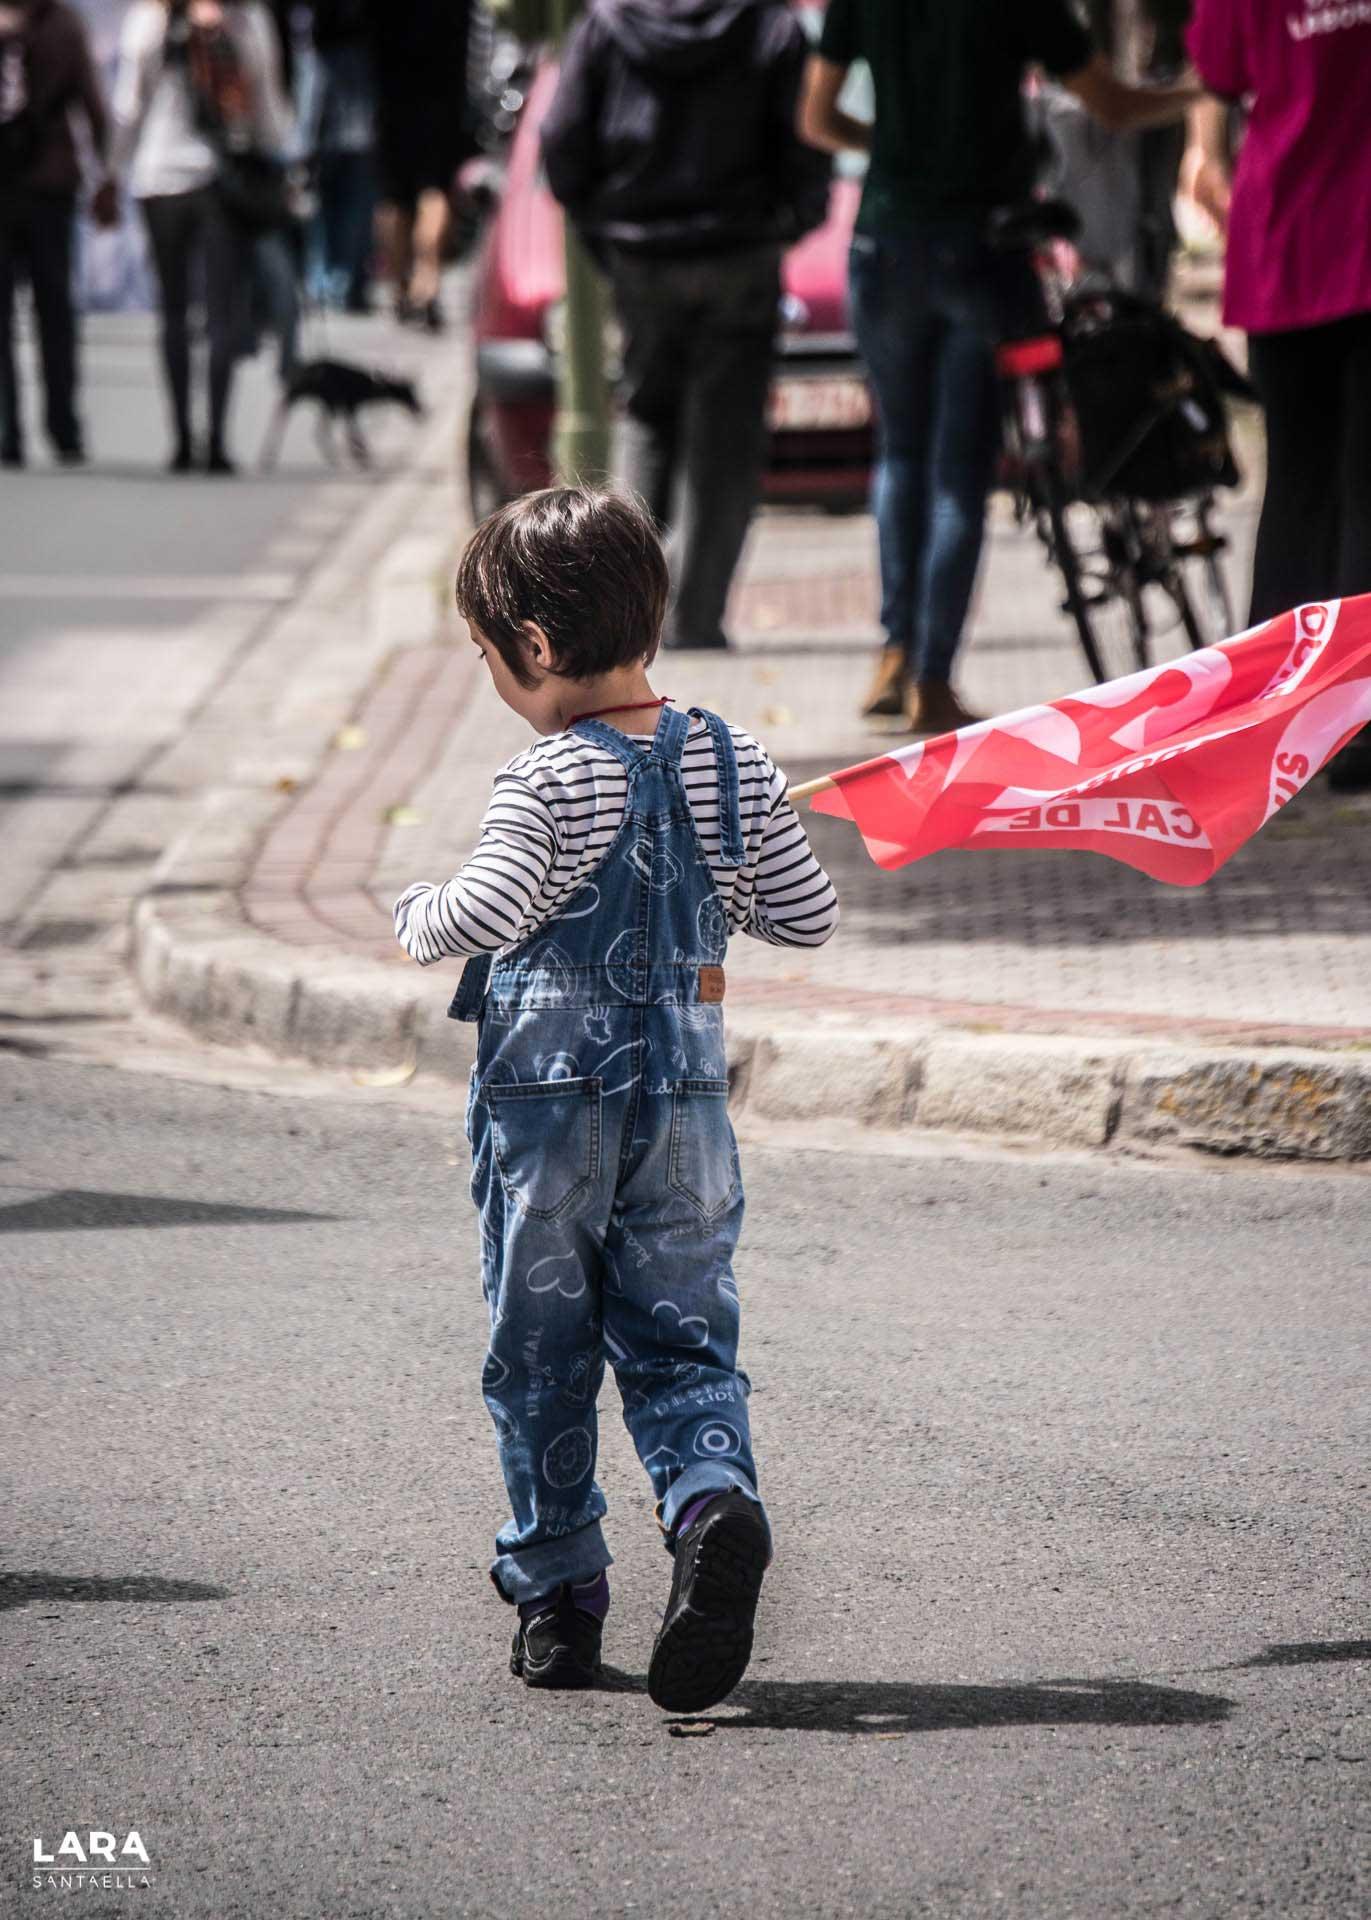 Se ve una niña pequeña caminando de espaldas, con una bandera de un sindicato de trabajadores al hombro.